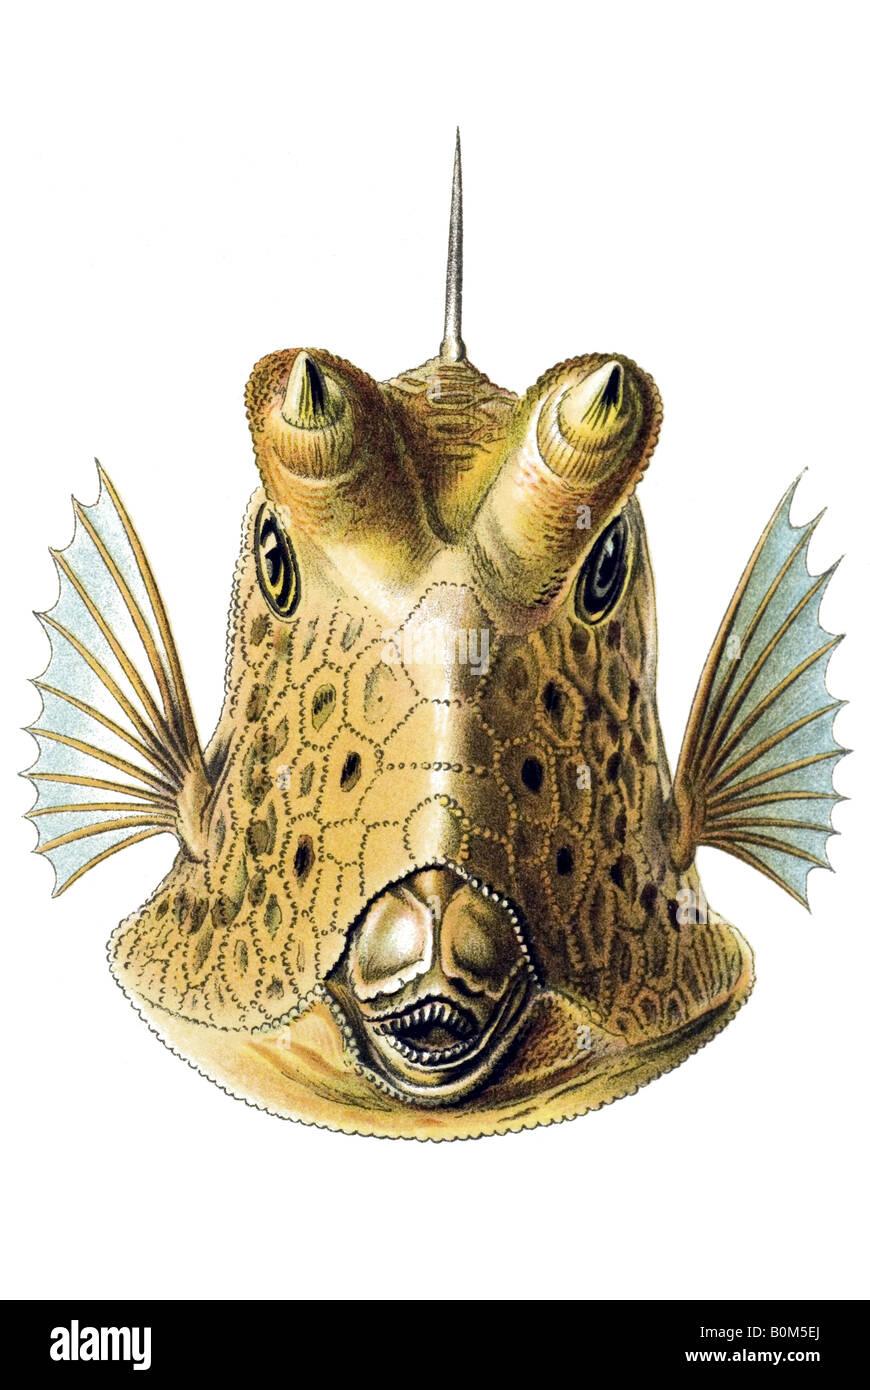 Ostraciontes Ostraciidae Nome Knochenfische Ostracion cornatus, art nouveau, xx secolo, in Europa Immagini Stock